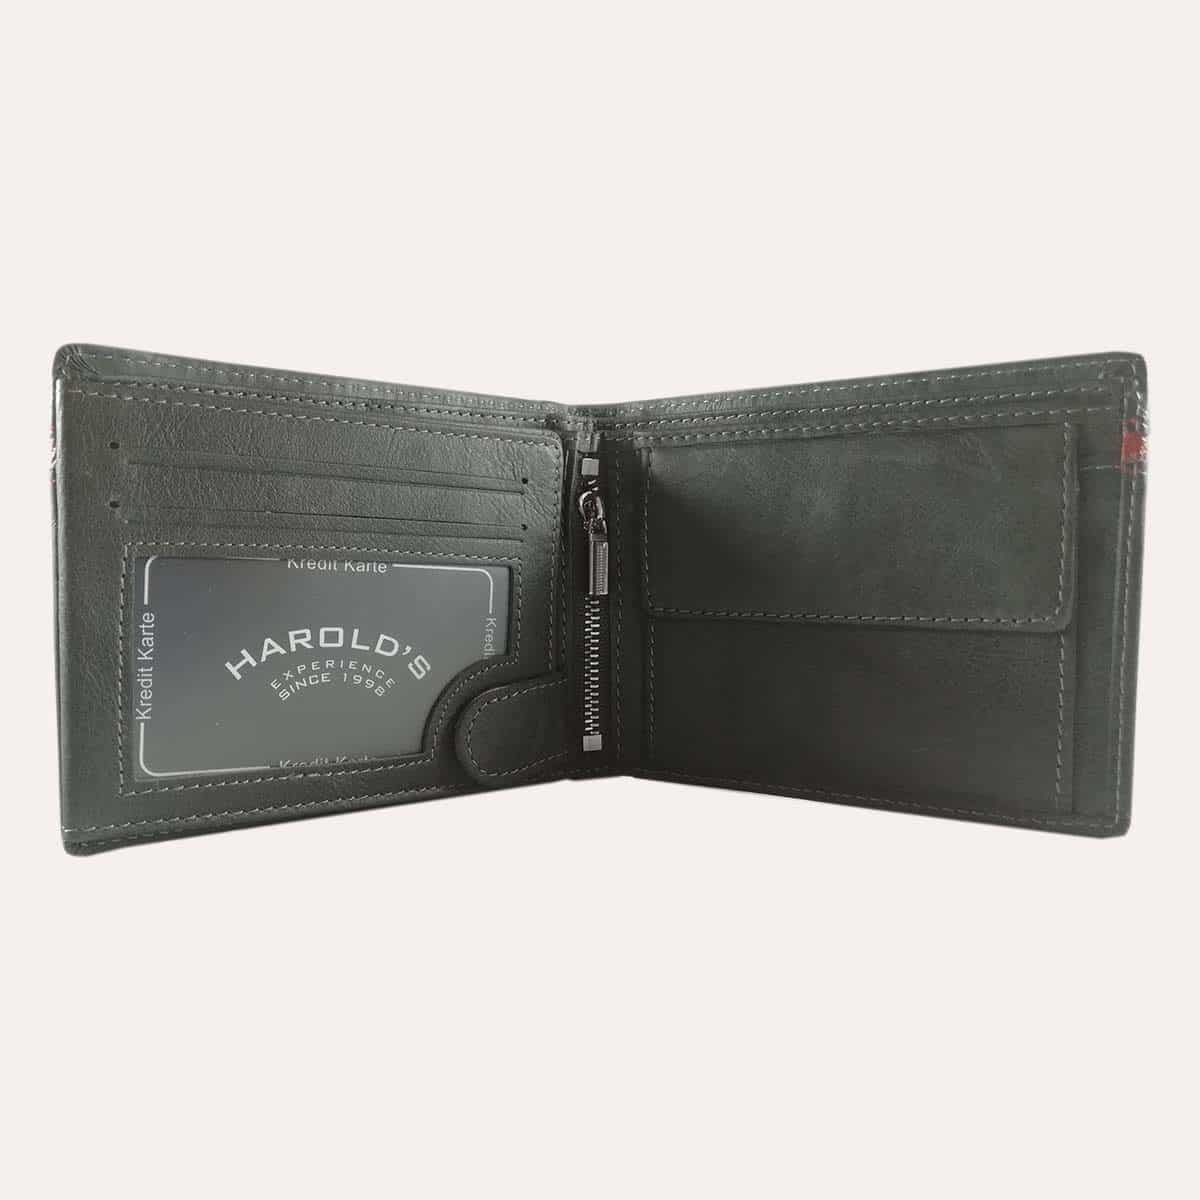 Pánská kožená peněženka Harold's šedá